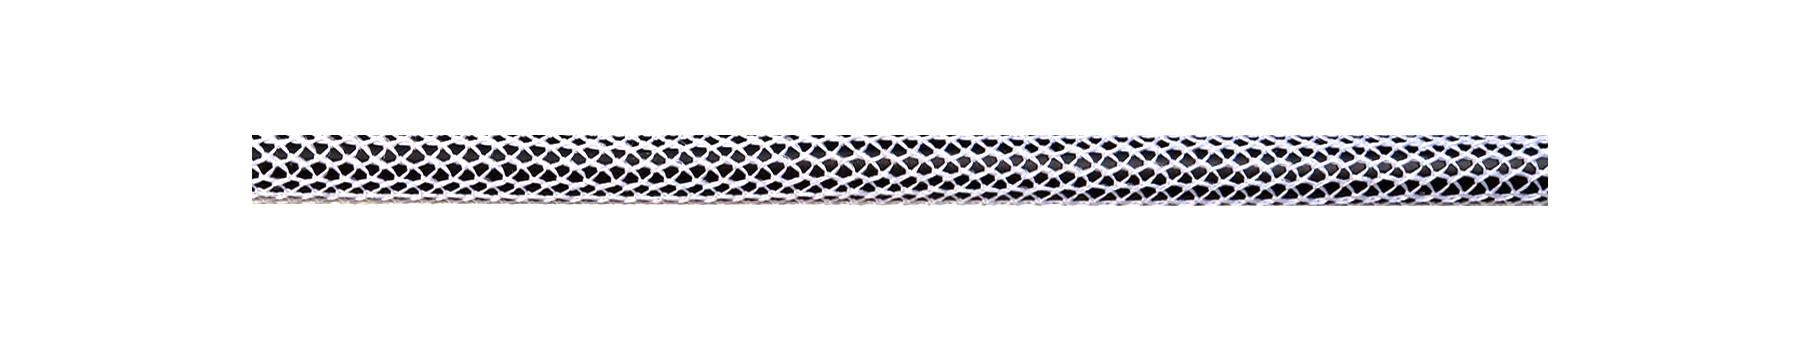 Textilkabel Glänzend-Weiß-Schwarz Netzartiger Textilmantel